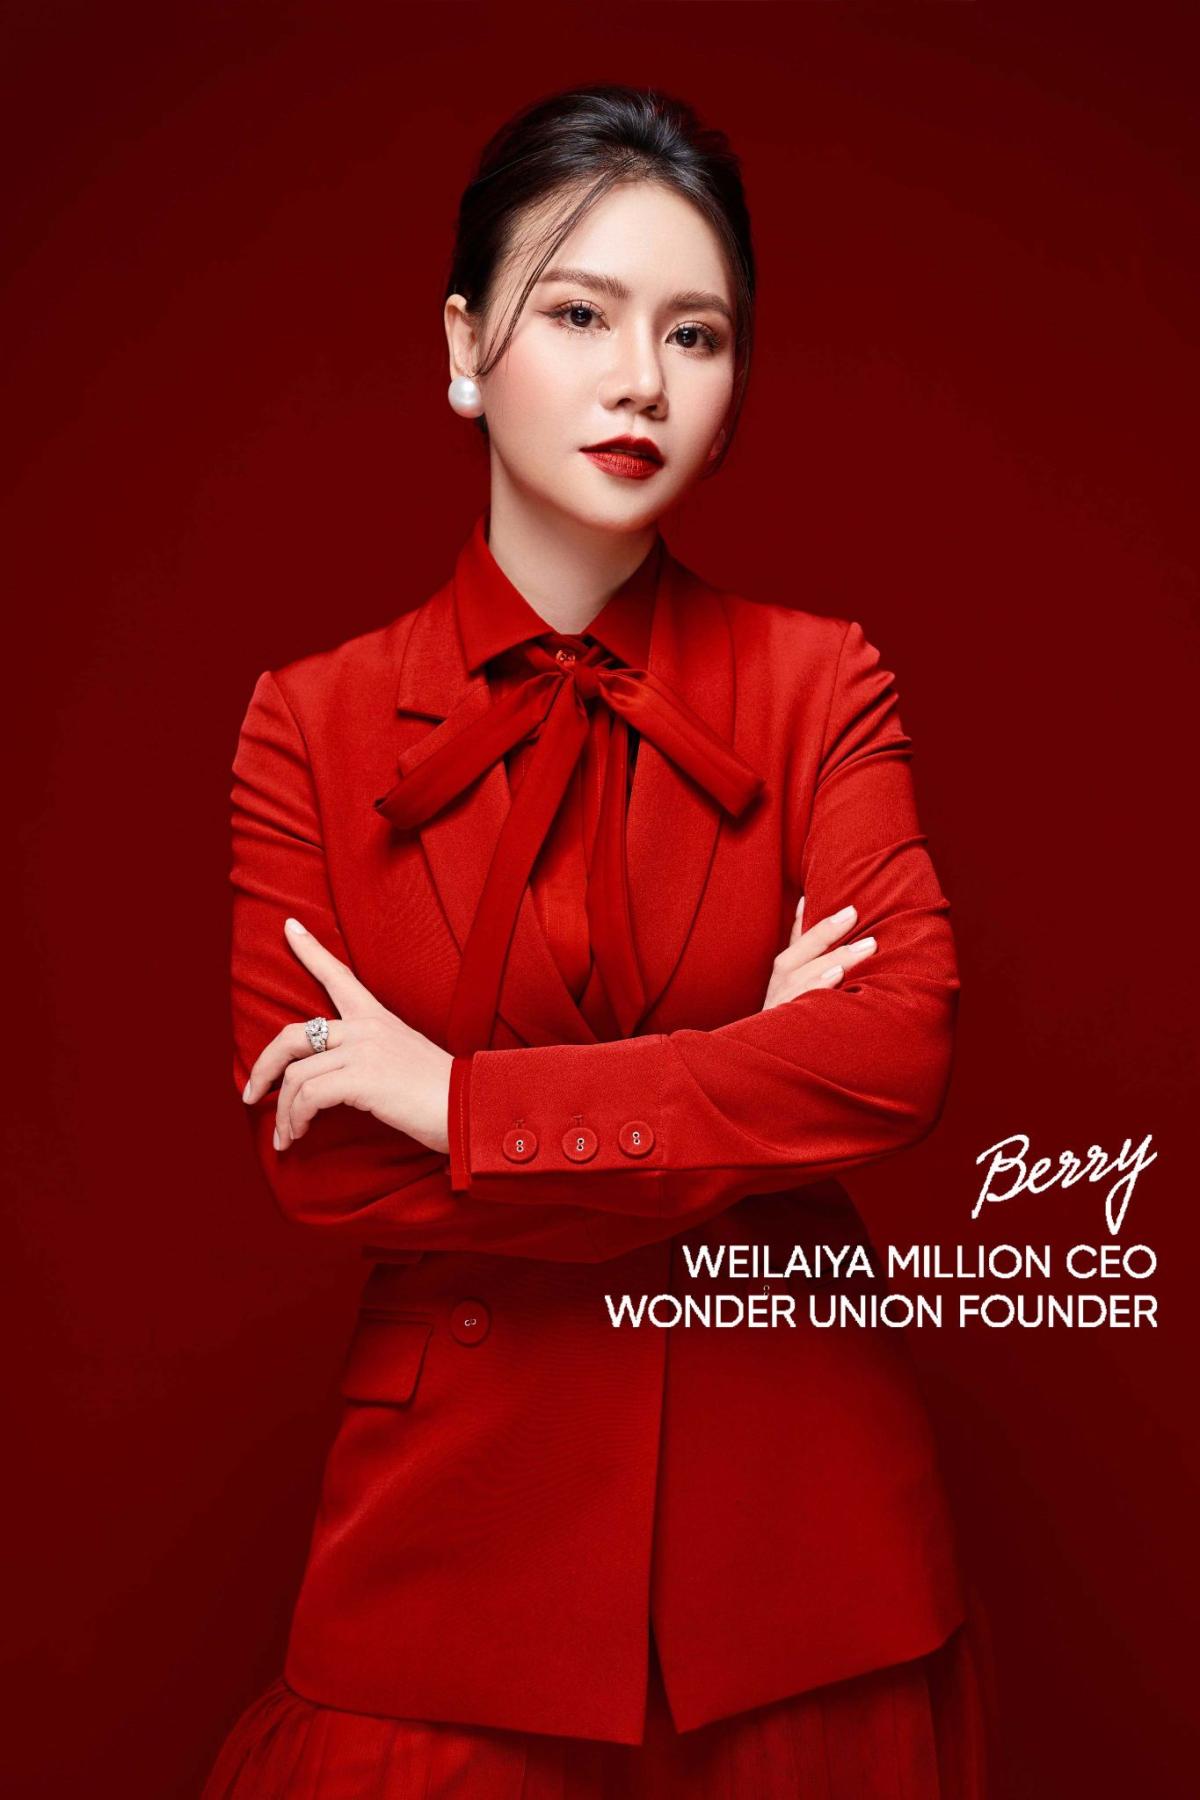 Sự nhiệt huyết trong kinh doanh và giúp đỡ người khác cùng phát triển là triết lý của Linh Berry.